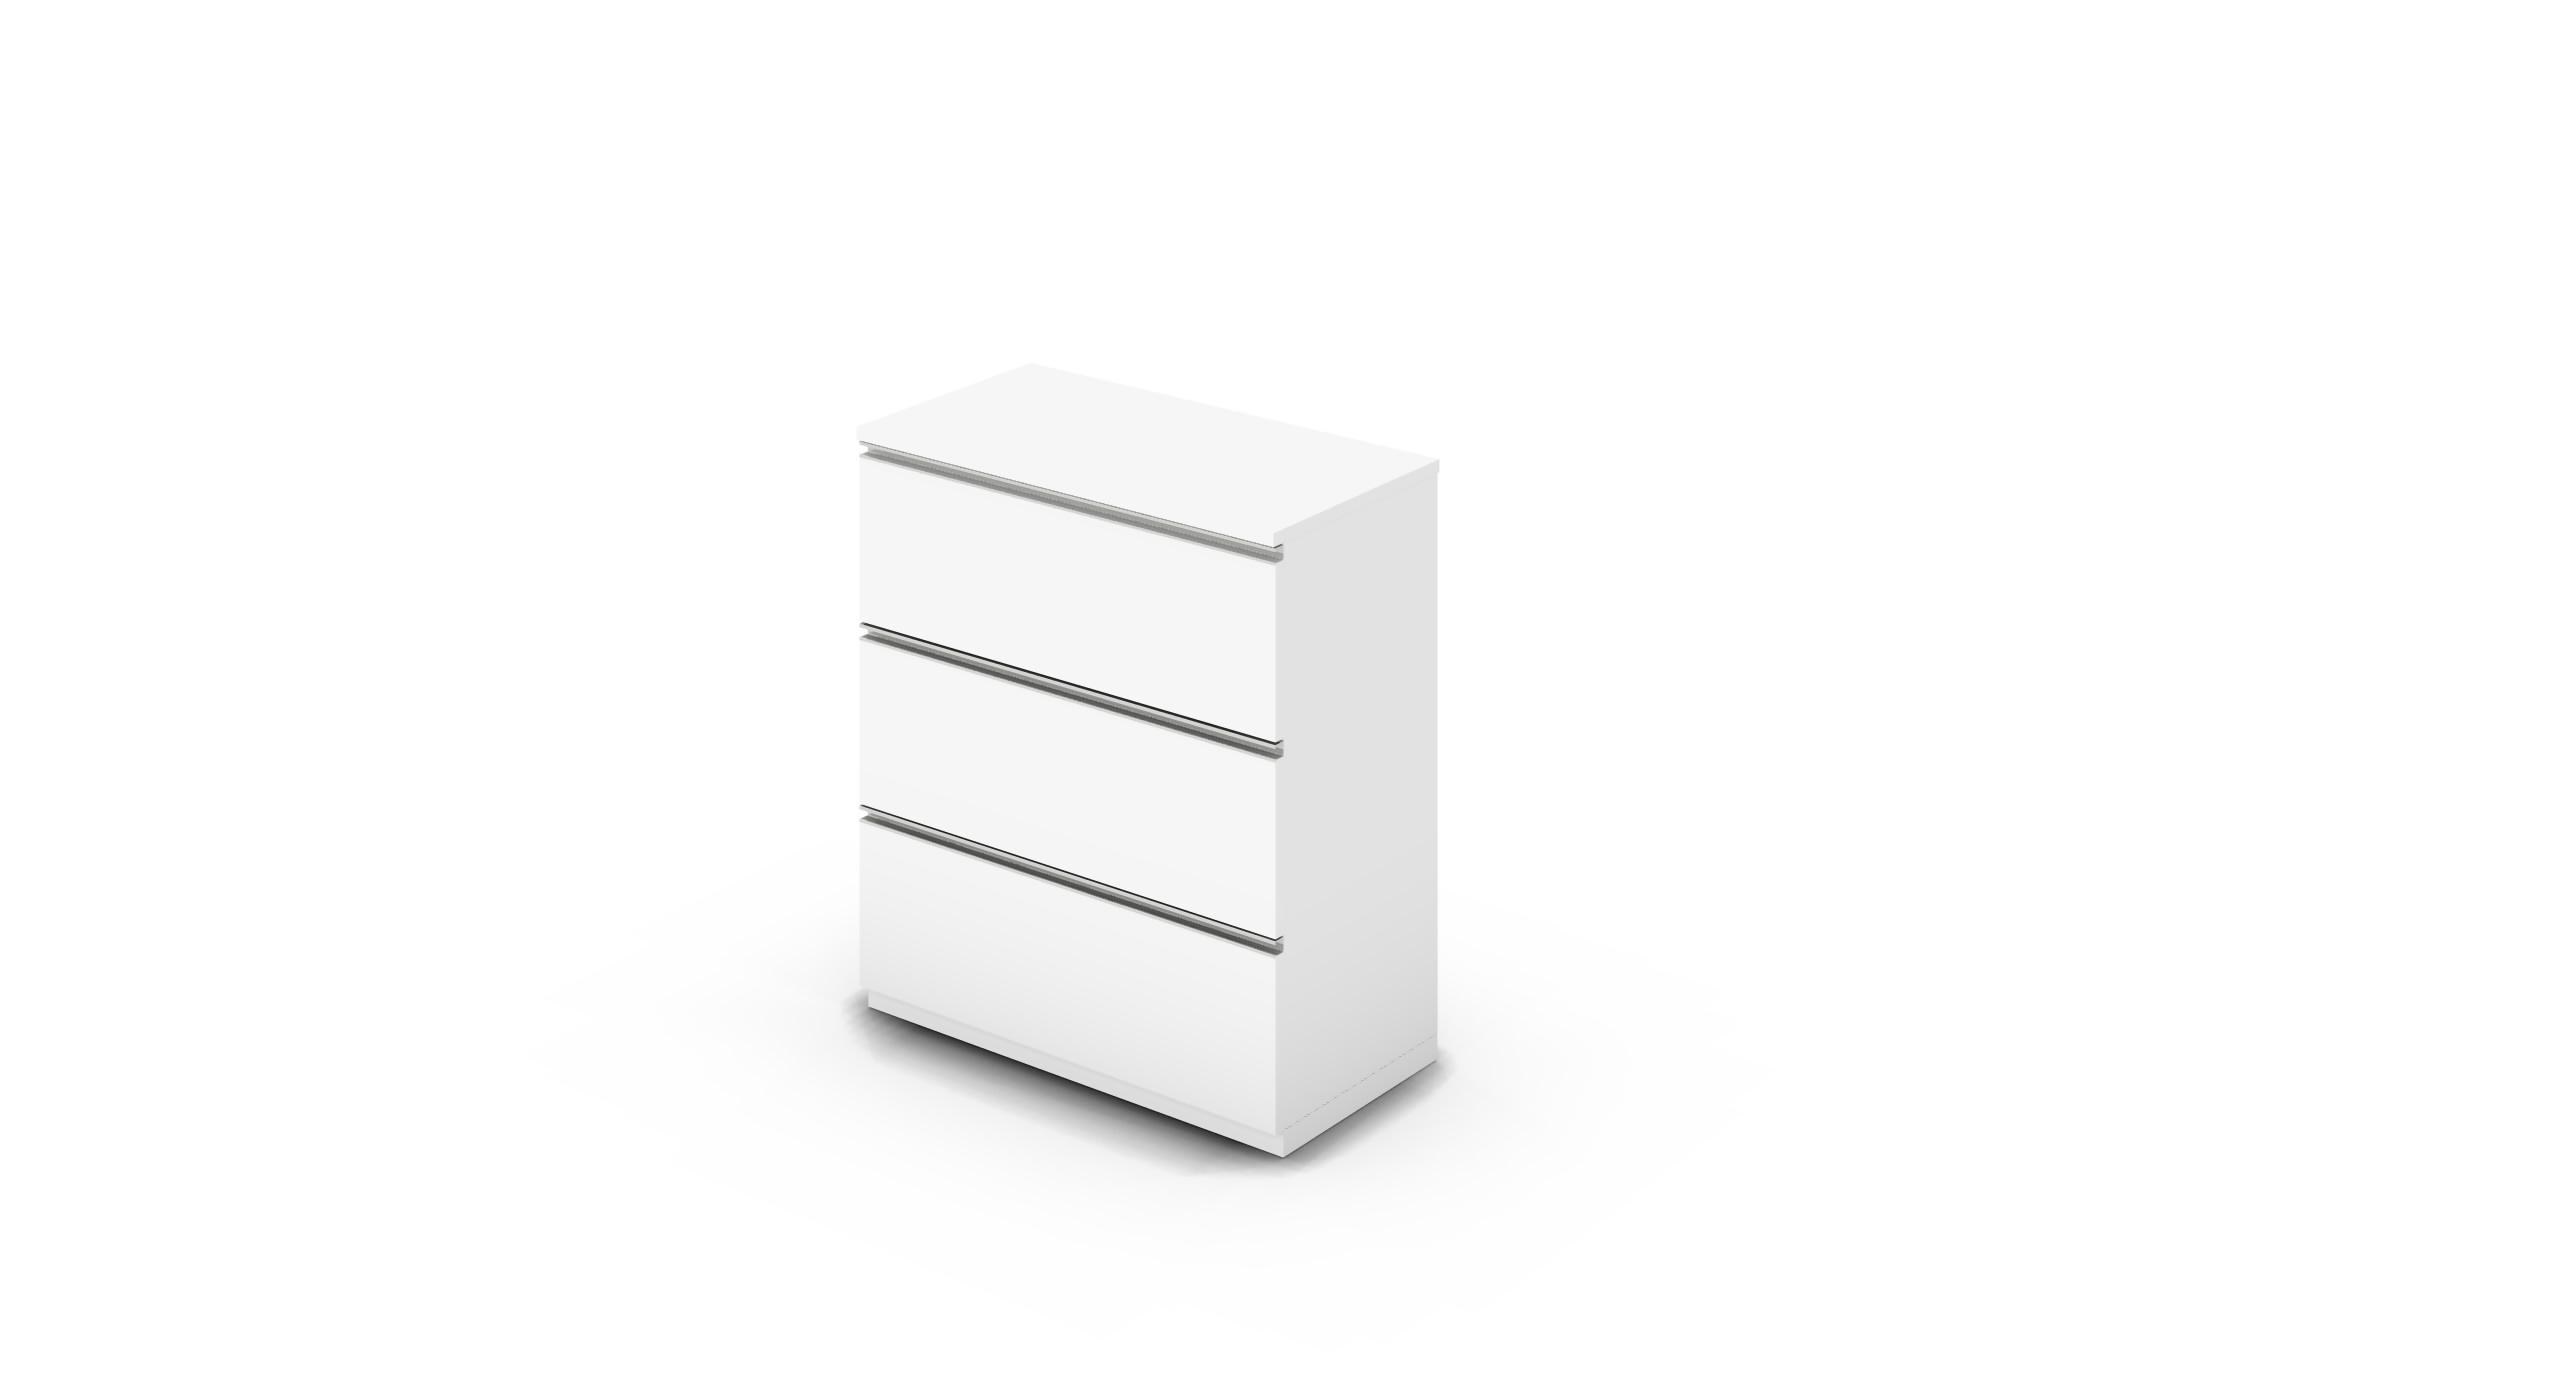 Cabinet_900x450x1125_DR_White_Rail_NoCylinder